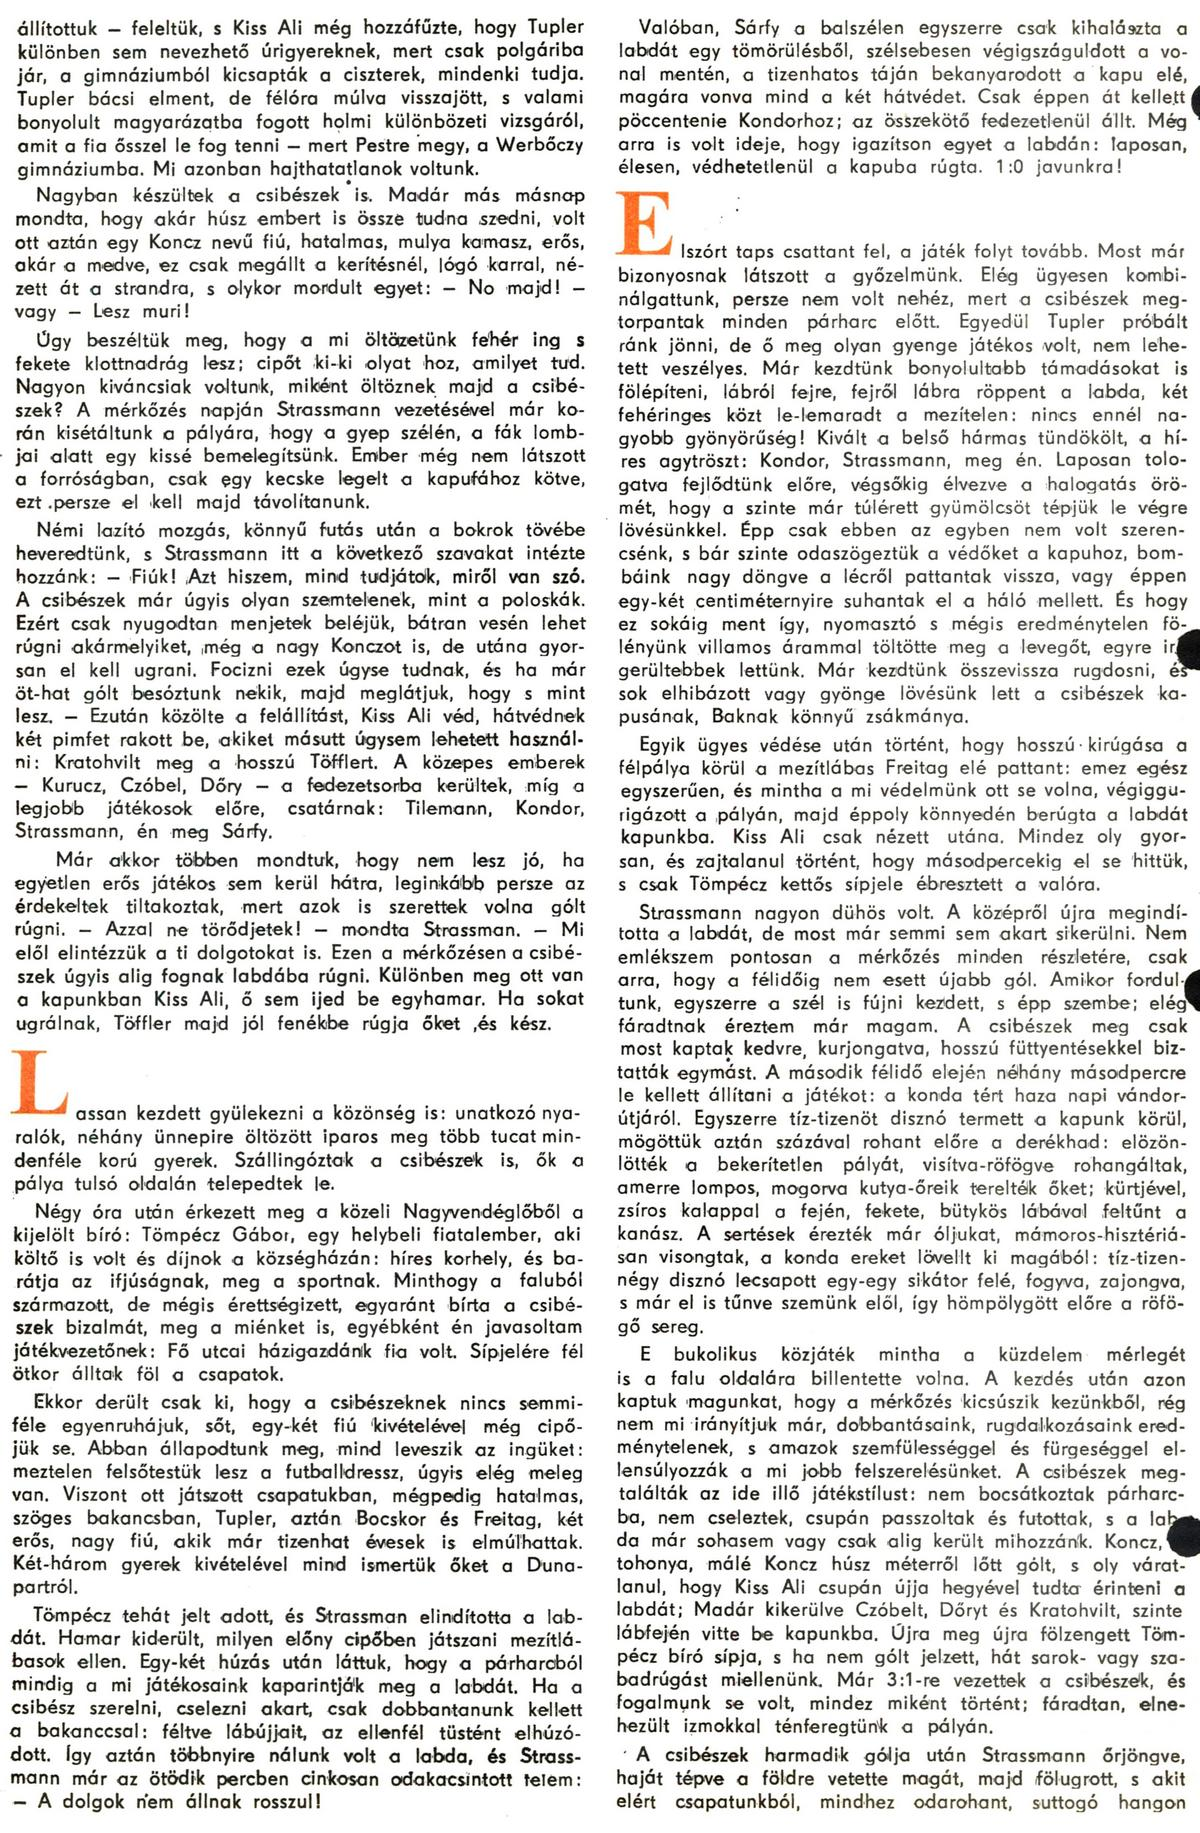 Labdarugas-1982-02-0026